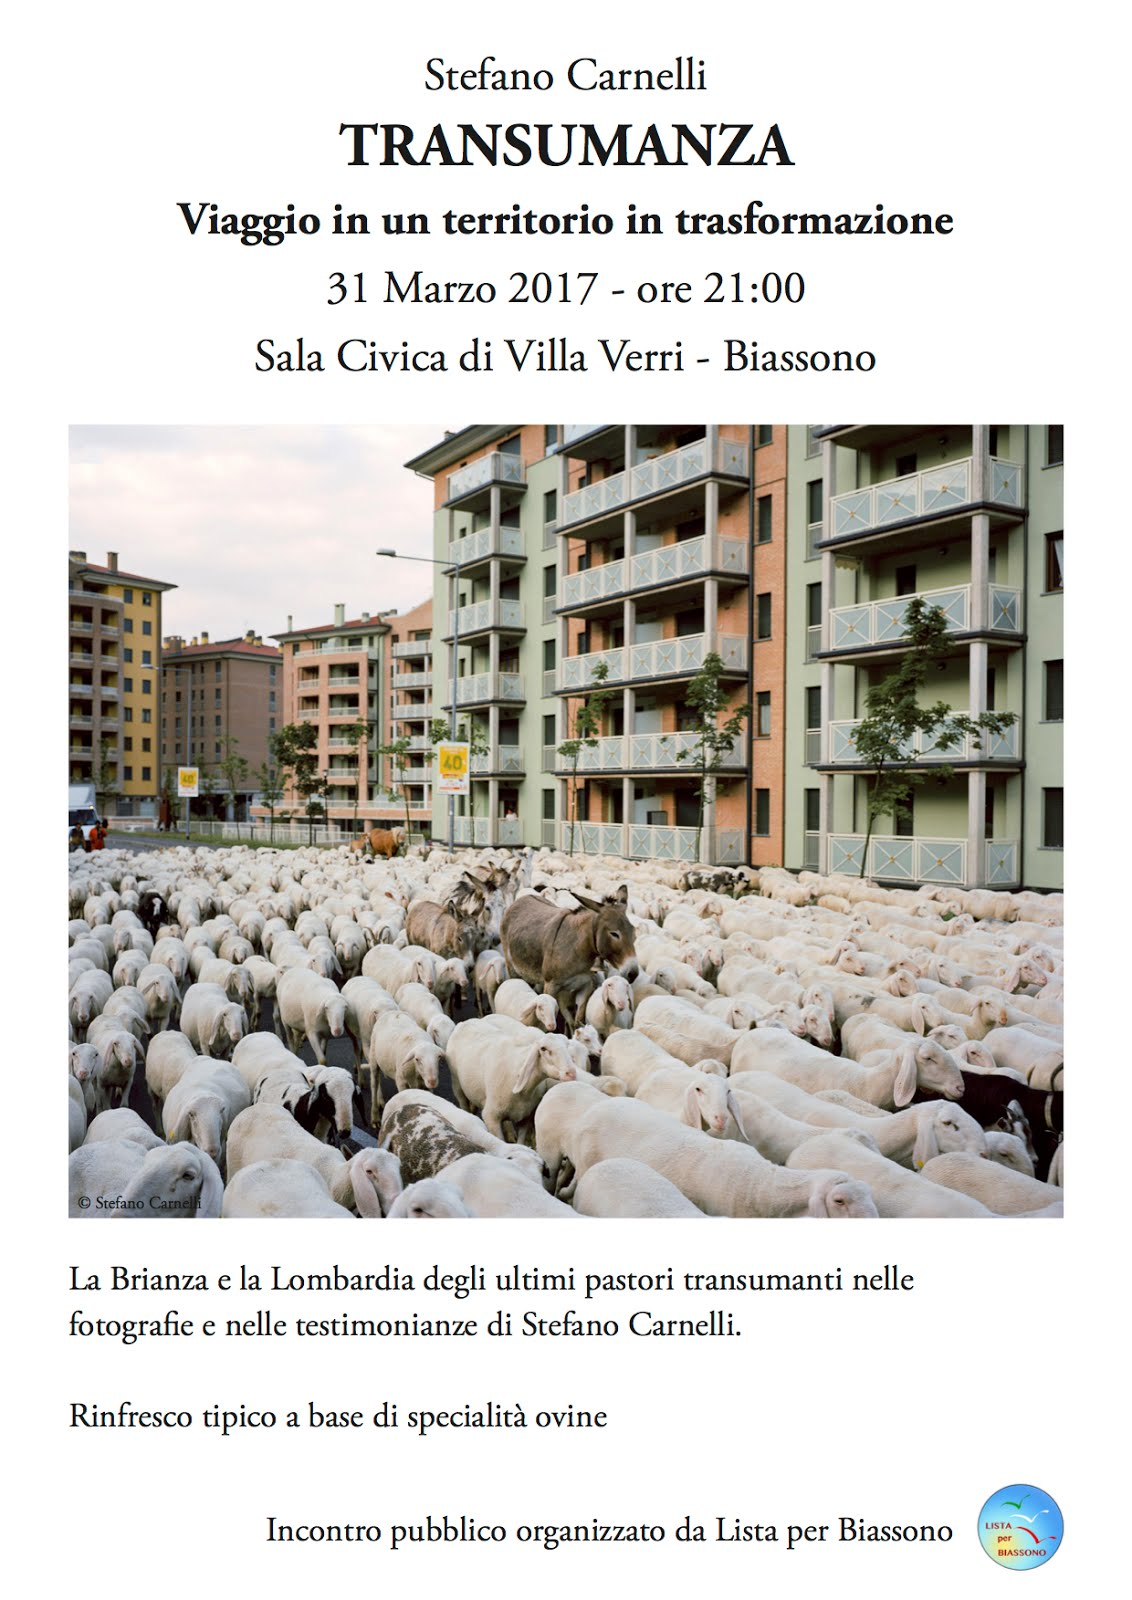 INCONTRO PUBBLICO 31.03.2017